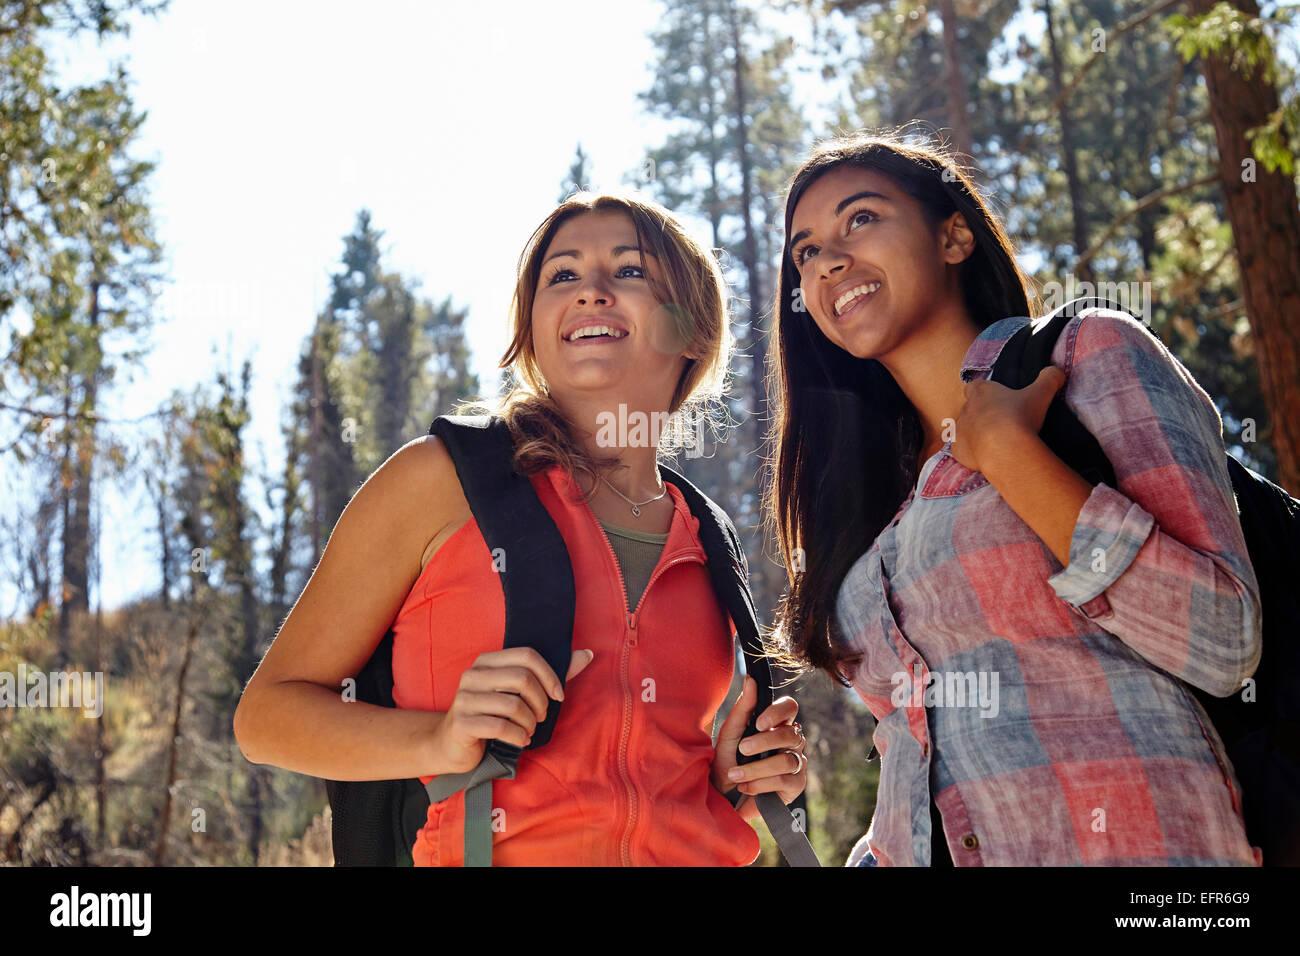 Due giovani femmine adulte trekking nella foresta, Los Angeles, California, Stati Uniti d'America Immagini Stock